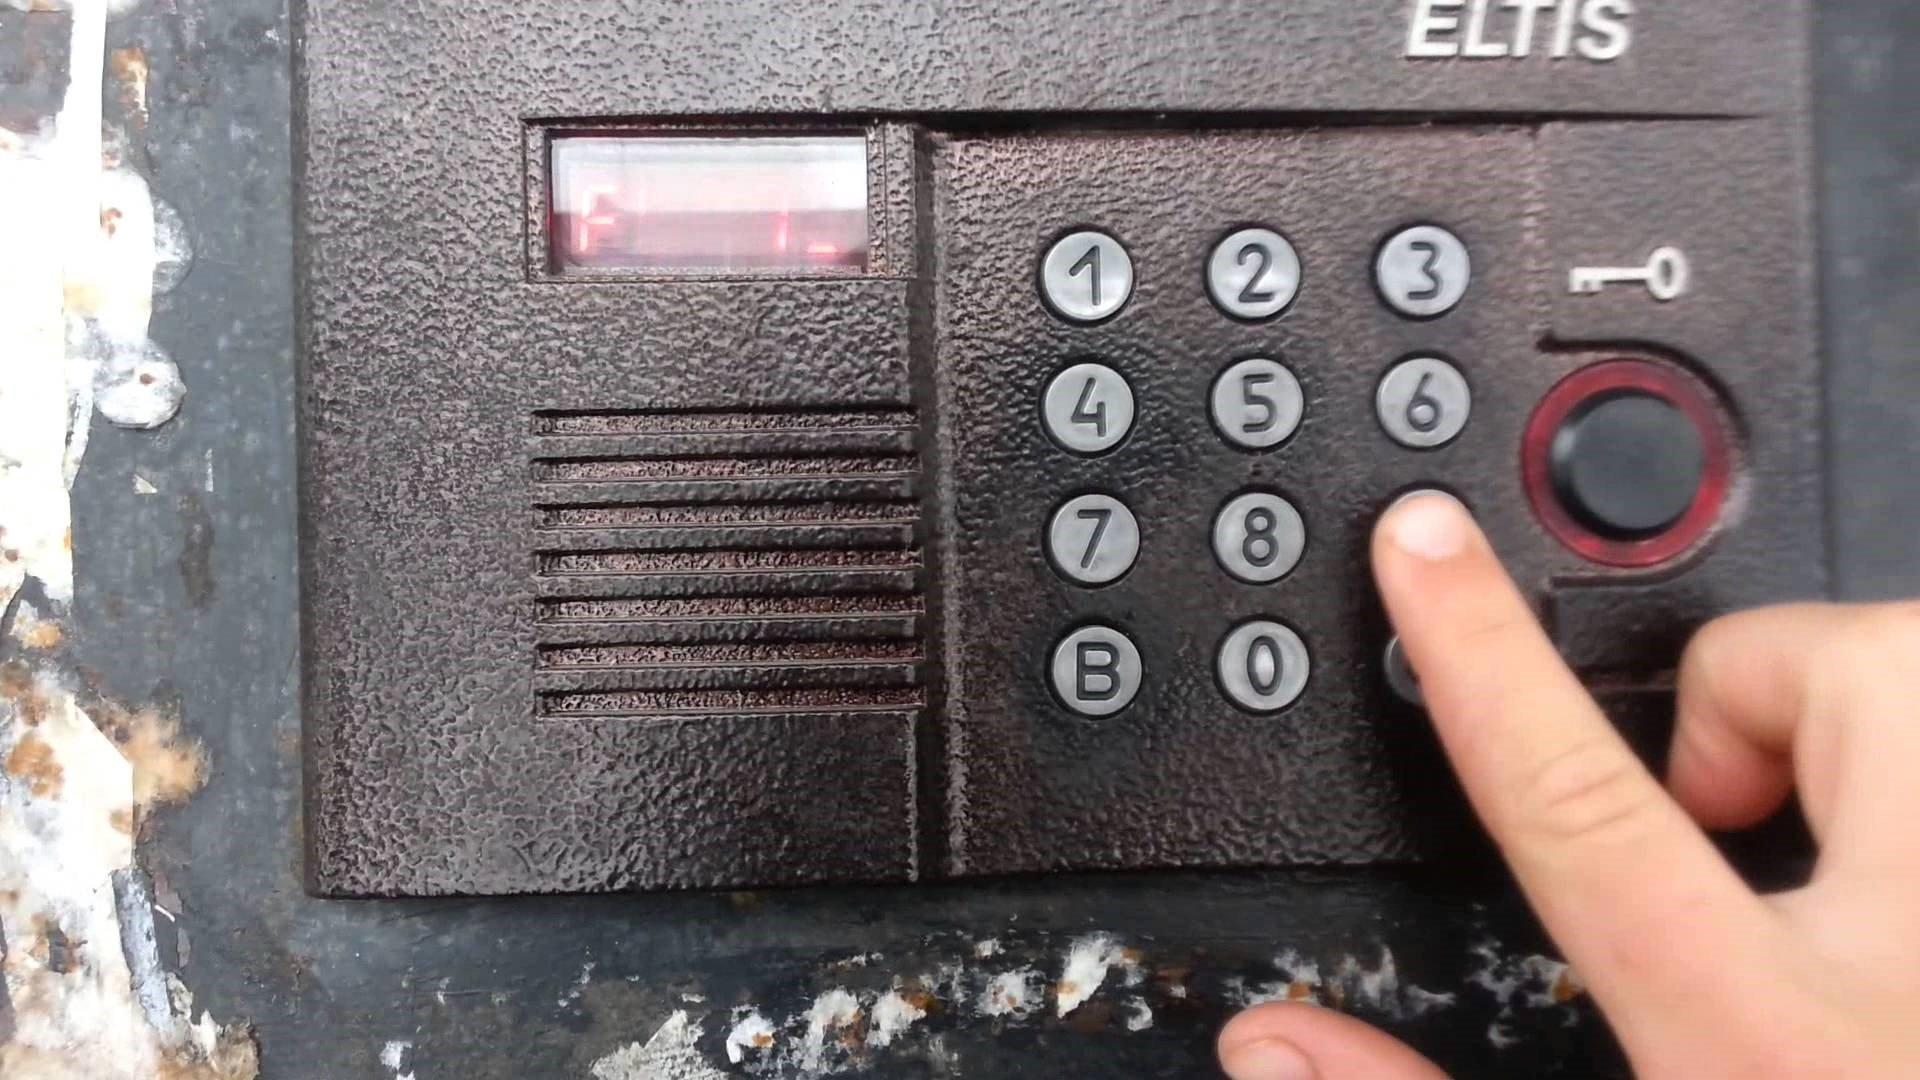 Домофон eltis открыть без ключа